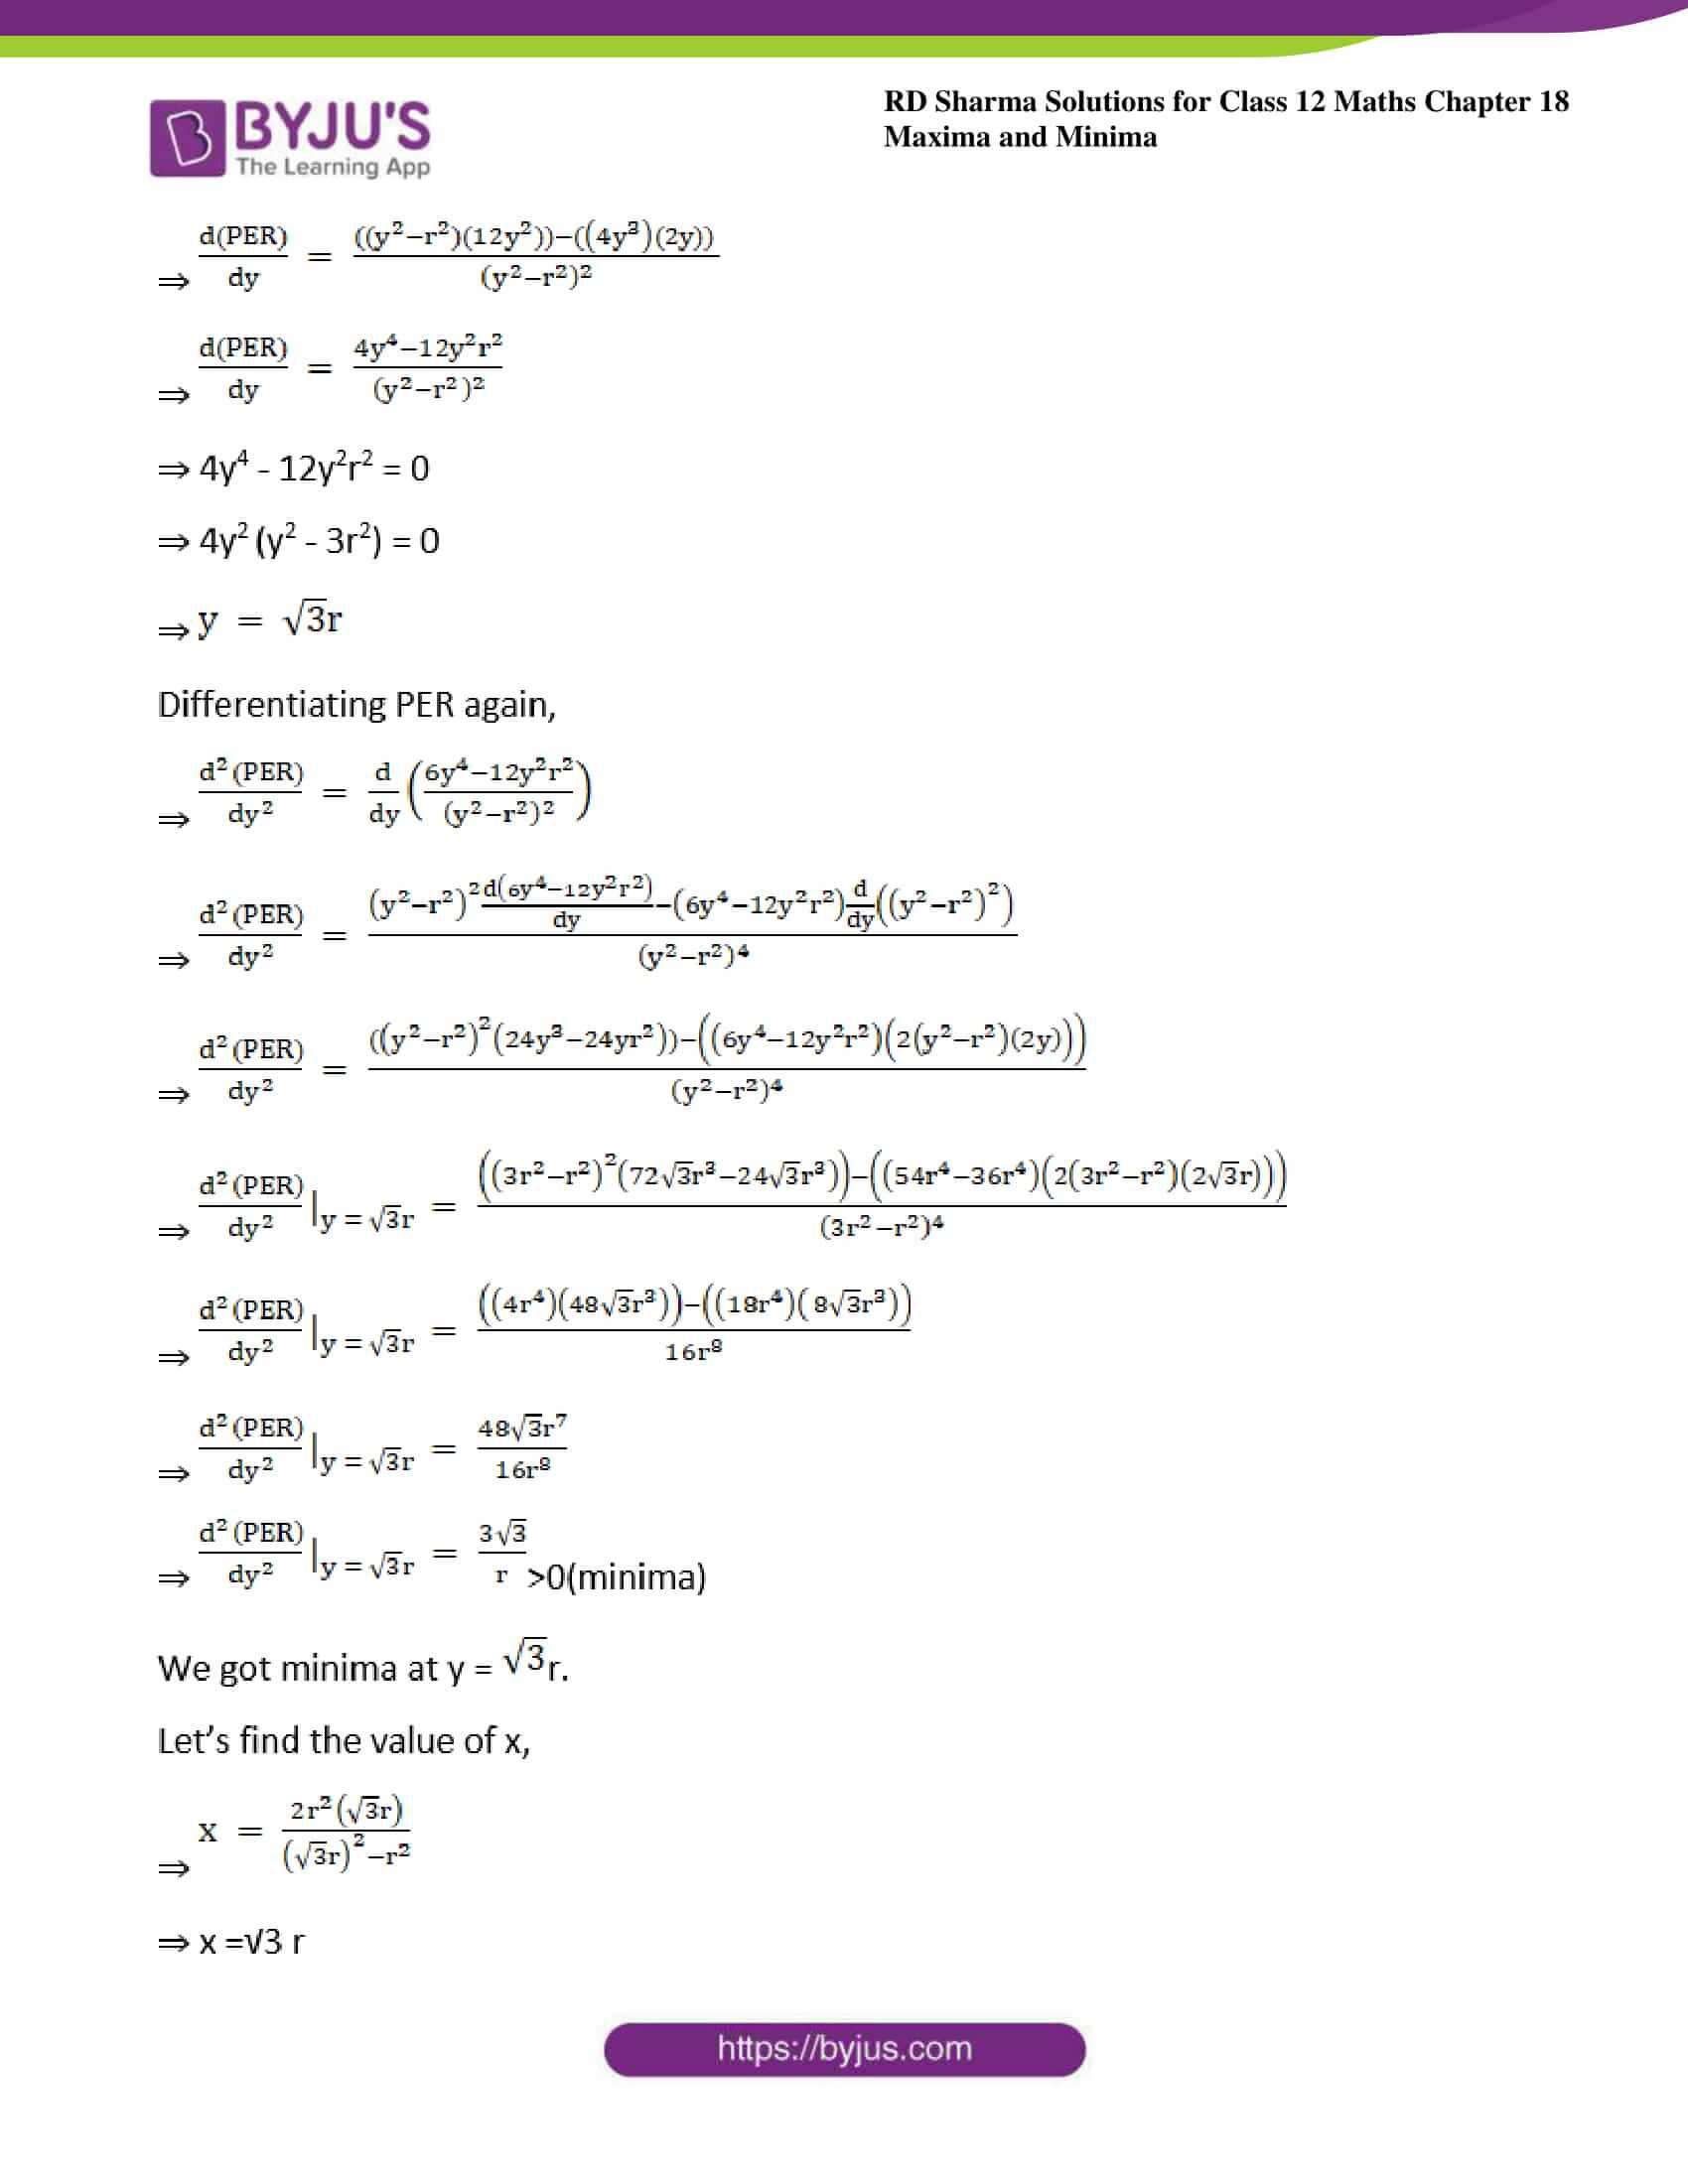 rd sharma class 12 maths sol chap 18 ex 5 37